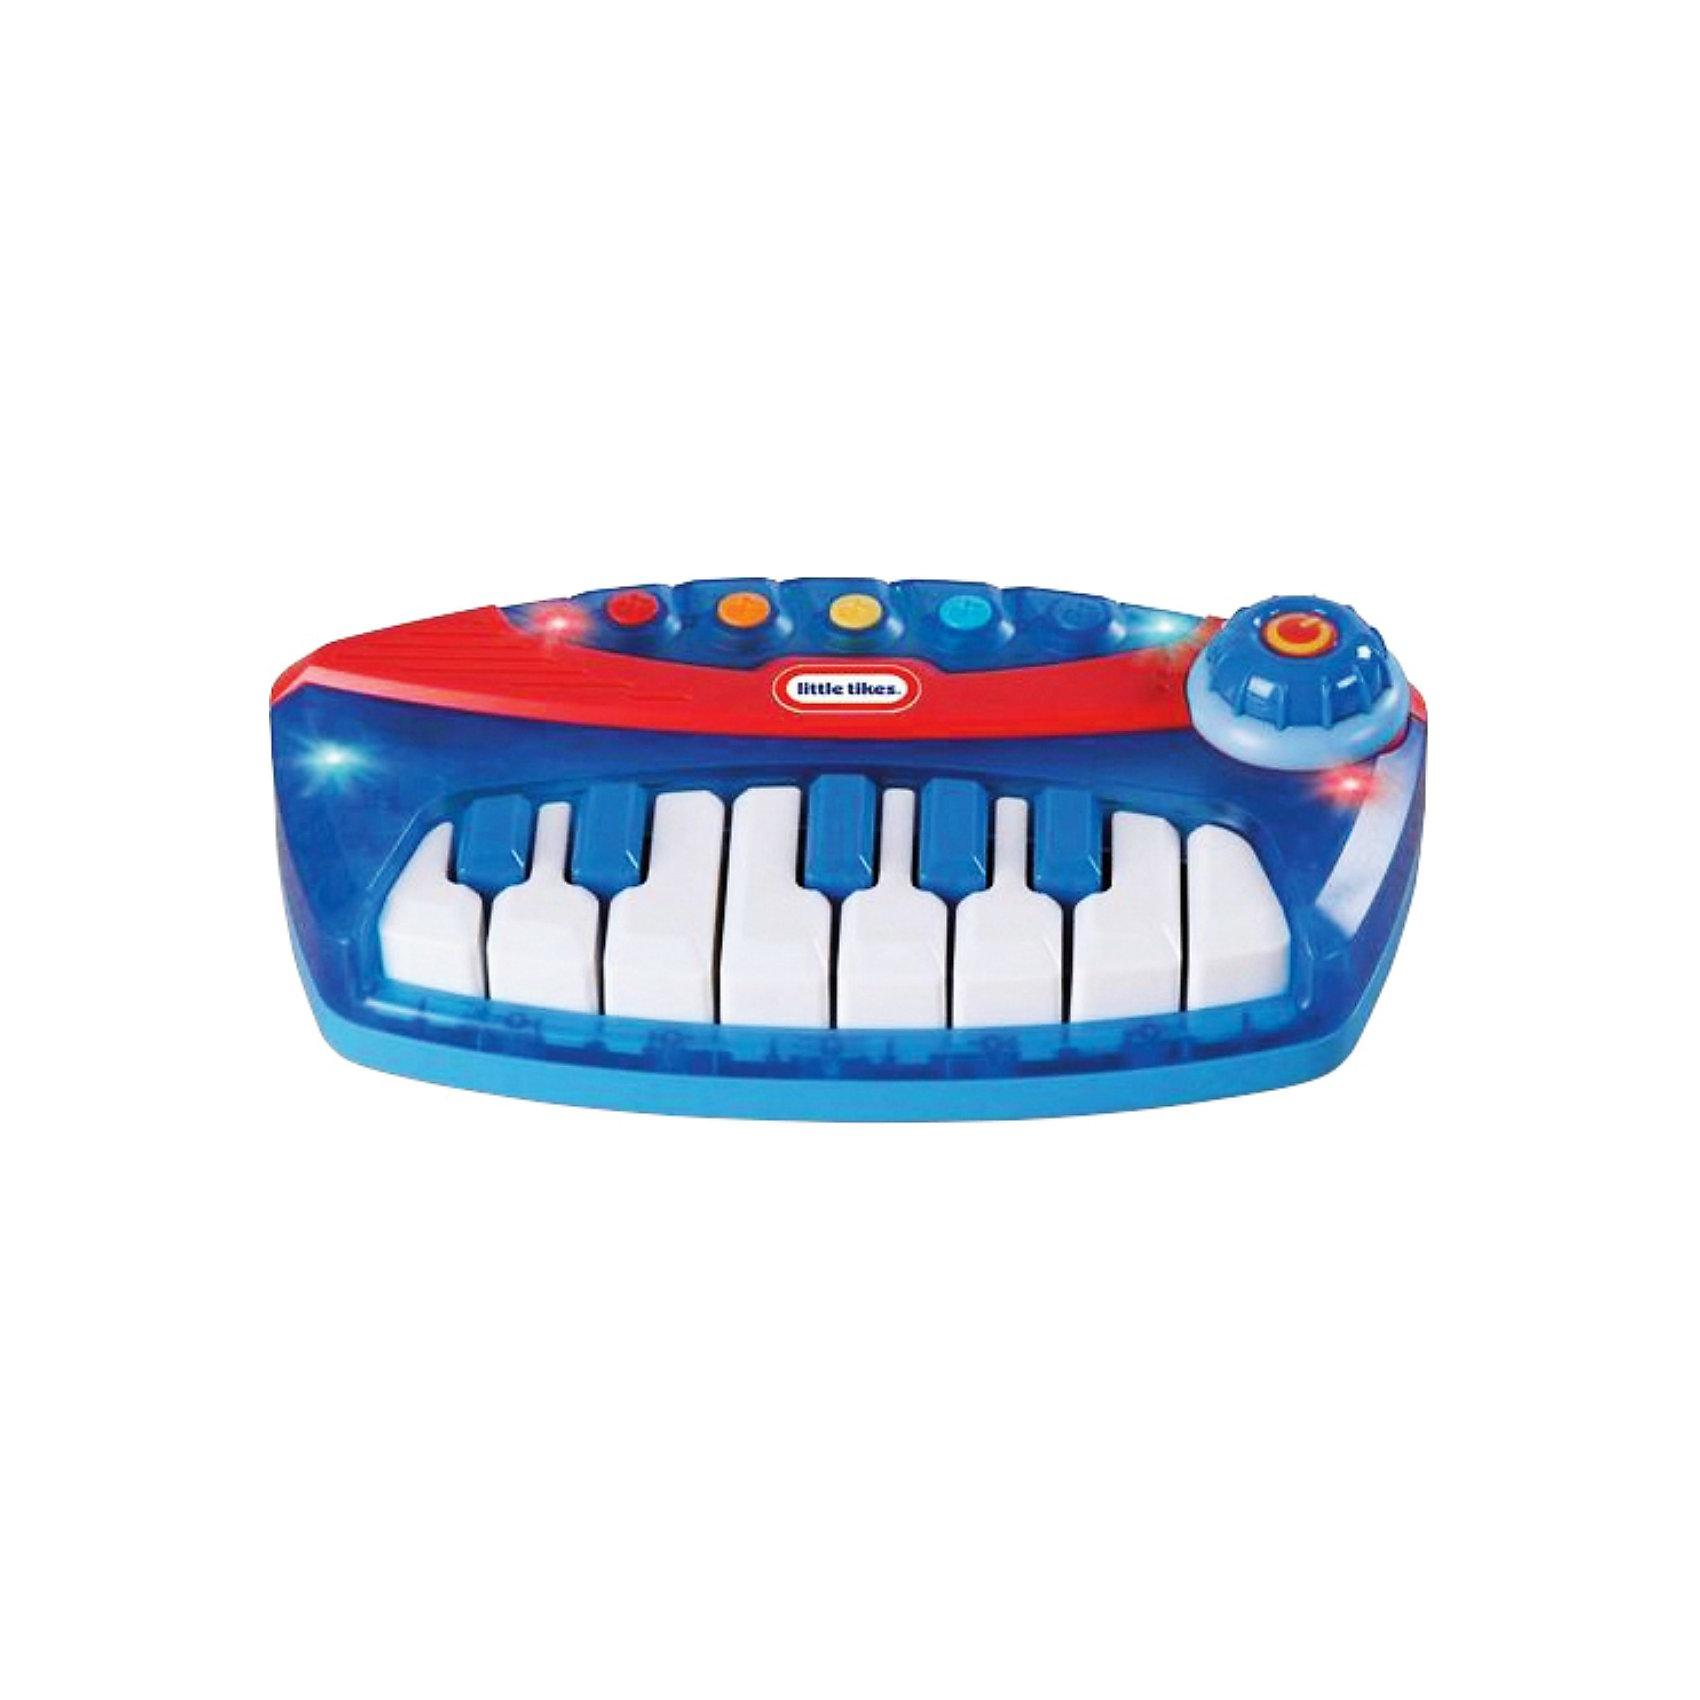 Пианино, Little TikesИнтерактивные игрушки для малышей<br>Пианино, Little Tikes - отличная музыкальная игрушка- инструмент, который сможет освоить даже самый маленький ребенок!<br><br>Пианино Литтл Тайкс может проигрывать как записанные в память мелодии (всего 5 предзаписанных мелодий), так и музыку, которую сочинит Ваш малыш. На клавиатуре есть целая нотная октава, и ребенок может почувствовать себя настоящим композитором.  Клавиатура подсвечивается красными и синими огоньками. На корпусе расположены пять ярких разноцветных клавиш, которые очень удобно нажимать маленькими детскими пальчиками. Если юный пианист хорошо осваивает музыкальный  инструмент, то он может воспользоваться возможностью переключения ладов: мажорный и минорный. Способствует развитию у ребенка фантазии, любви к музыке, а также формированию музыкальных наклонностей.<br><br>Дополнительная информация:<br><br>- В комплекте: игрушка-пианино, со светом и звуком.<br>- 5 предзаписанных мелодий.<br>- Возможность переключения ладов (мажор/минор).<br>- Кнопка 2 в 1 (включение/ выключение и контроль). - Регулировка громкости звука. <br>- Питание: требуются 3 батарейки АА. (включены)<br>- Размеры (Д)26 Х (Ш)38 Х7,5(В) см<br>- Вес: 850 г<br><br>Пианино, Little Tikes  можно купить в нашем интернет-магазине.<br><br>Ширина мм: 380<br>Глубина мм: 75<br>Высота мм: 260<br>Вес г: 888<br>Возраст от месяцев: 24<br>Возраст до месяцев: 60<br>Пол: Унисекс<br>Возраст: Детский<br>SKU: 3363005